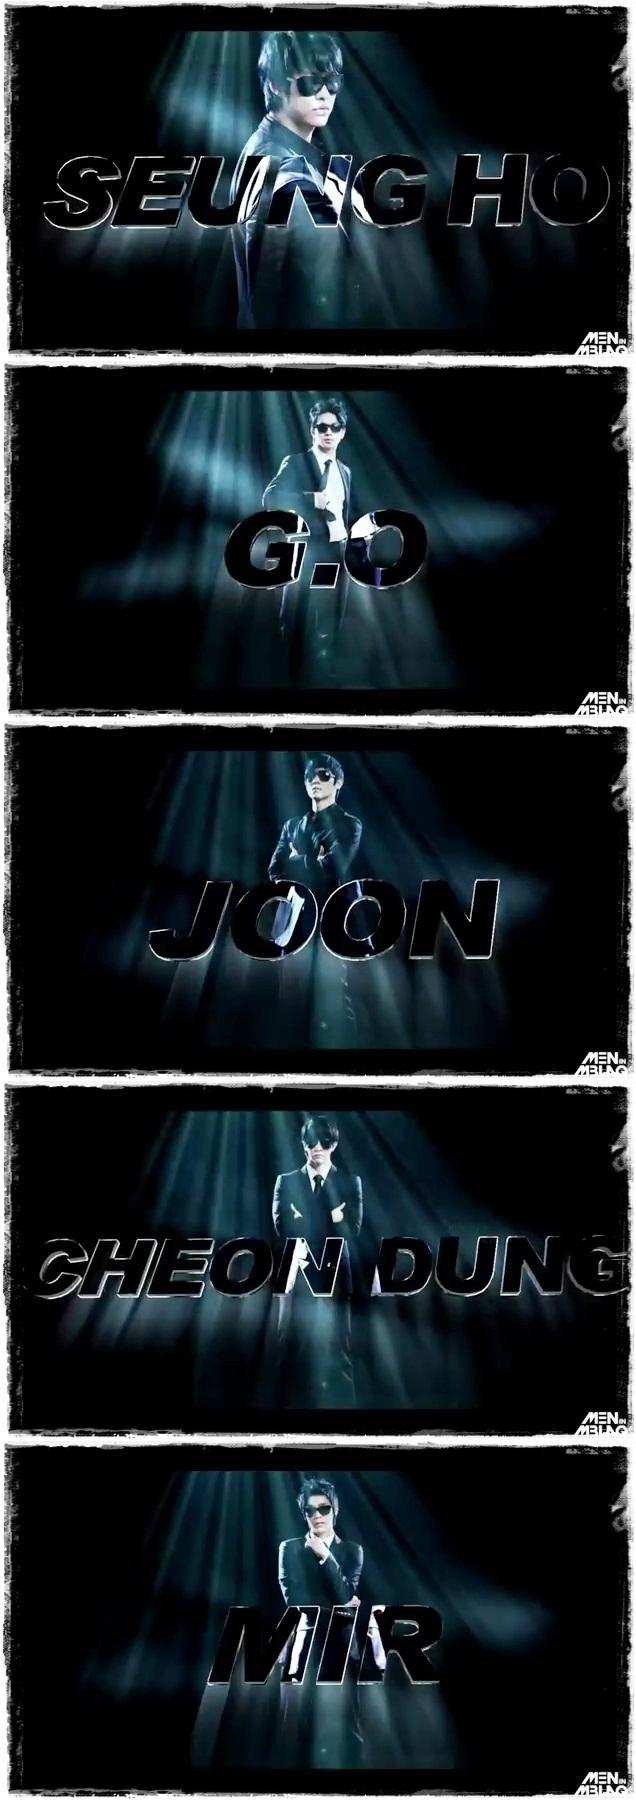 MBLAQ - Men in MBLAQ Teaser